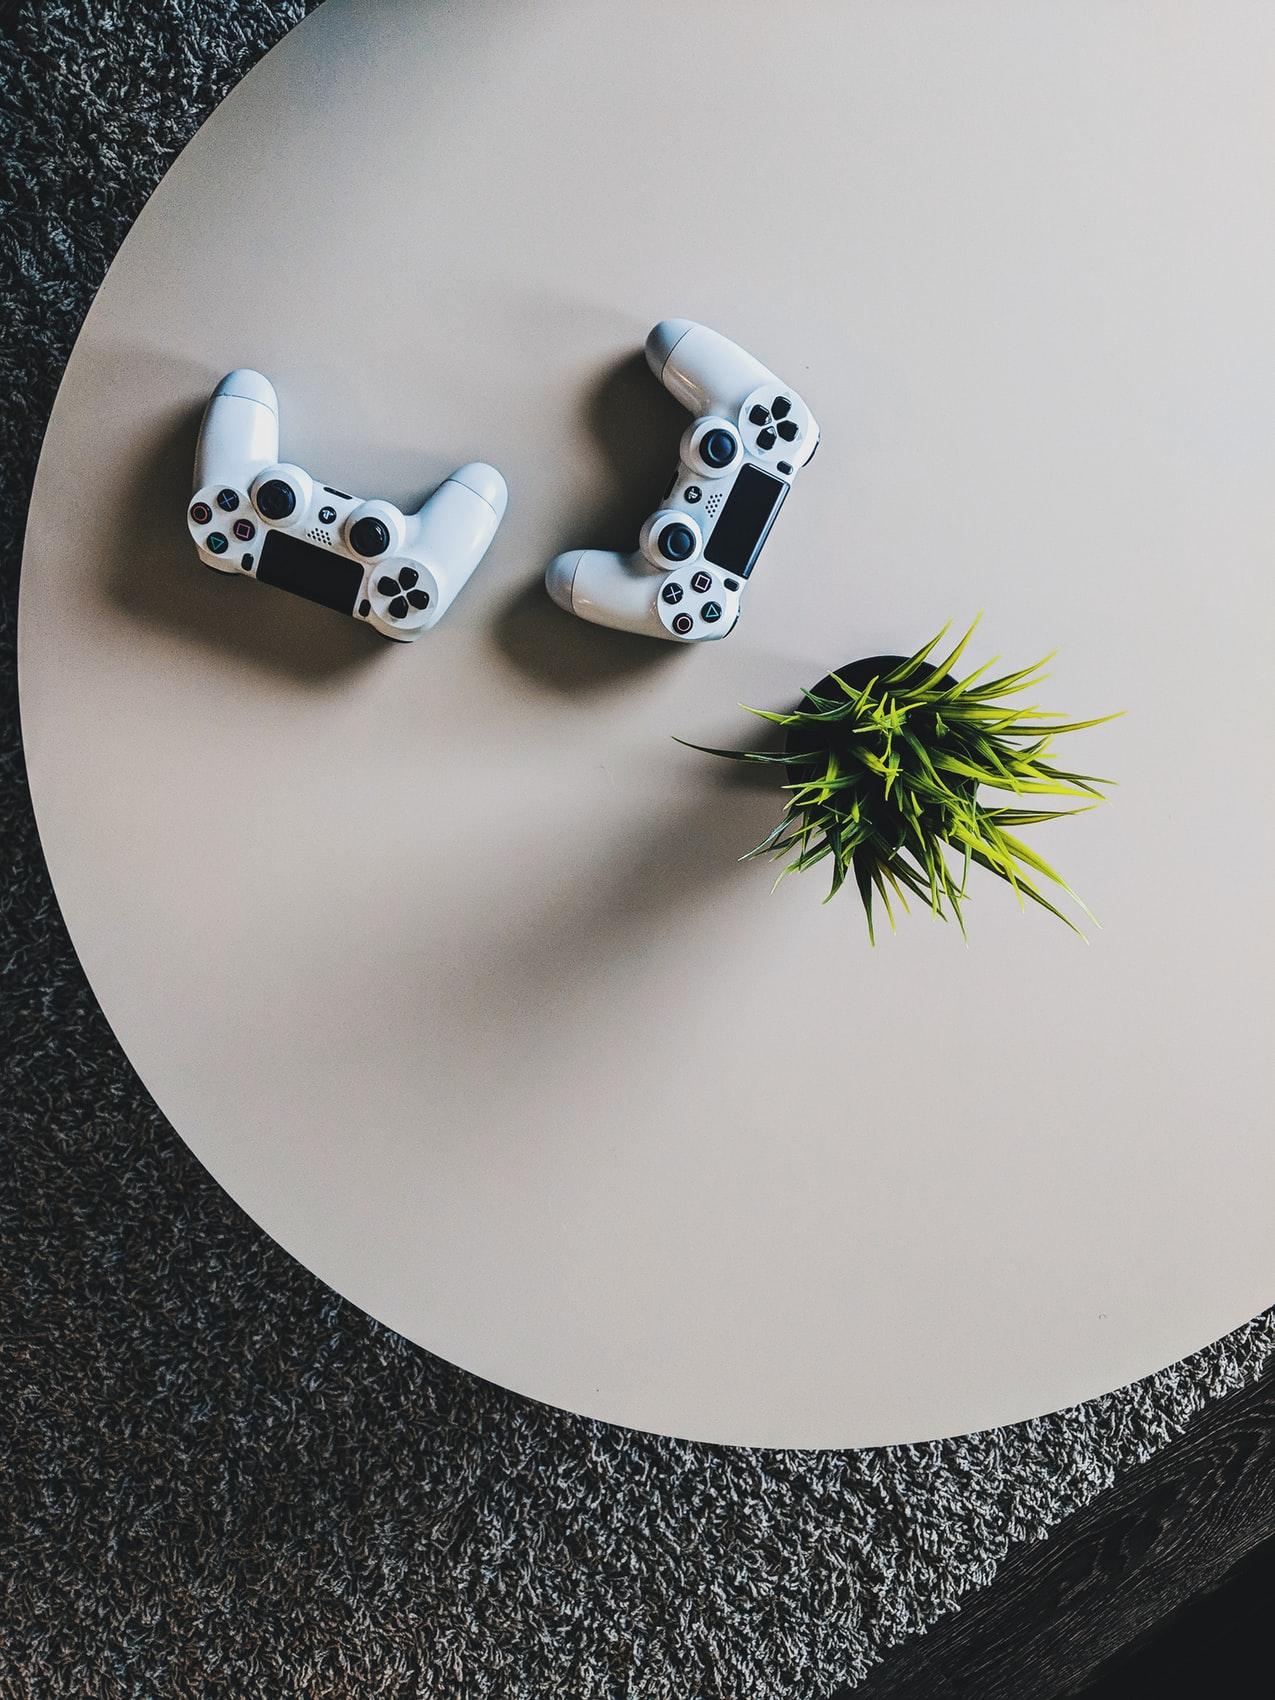 spelkonsoler på runt bord